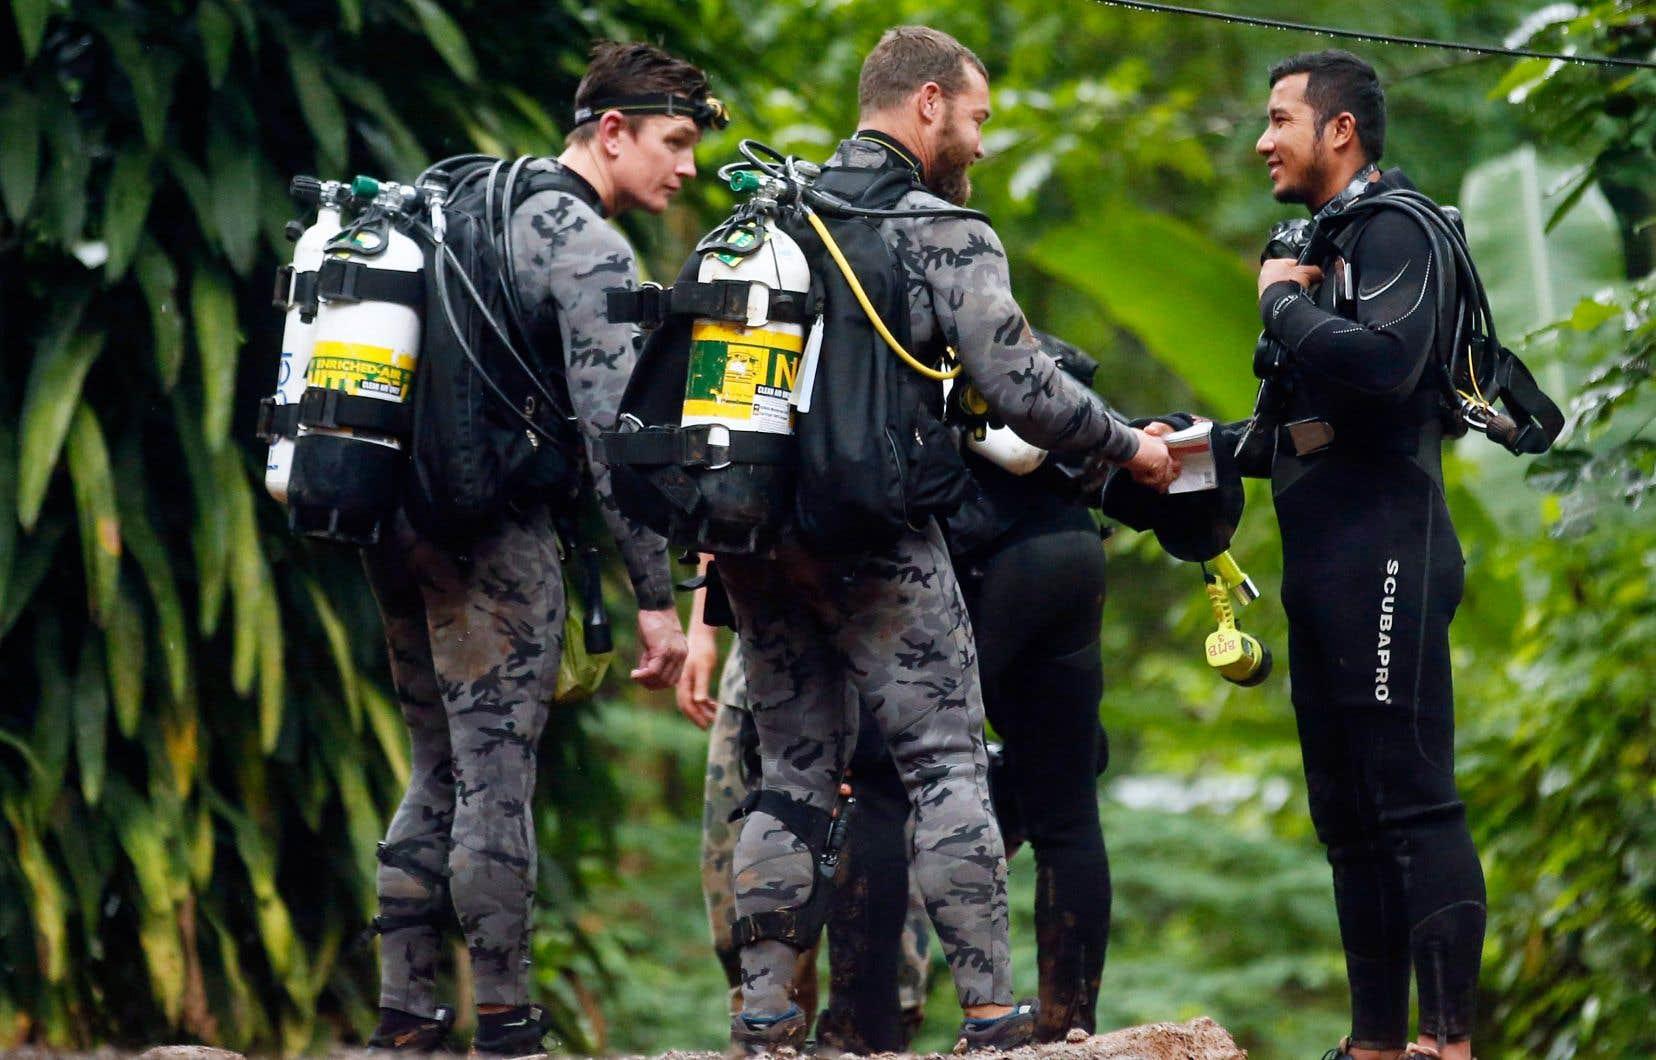 Des membres de la police fédérale australienne discutent avec un secouriste thaïlandais.